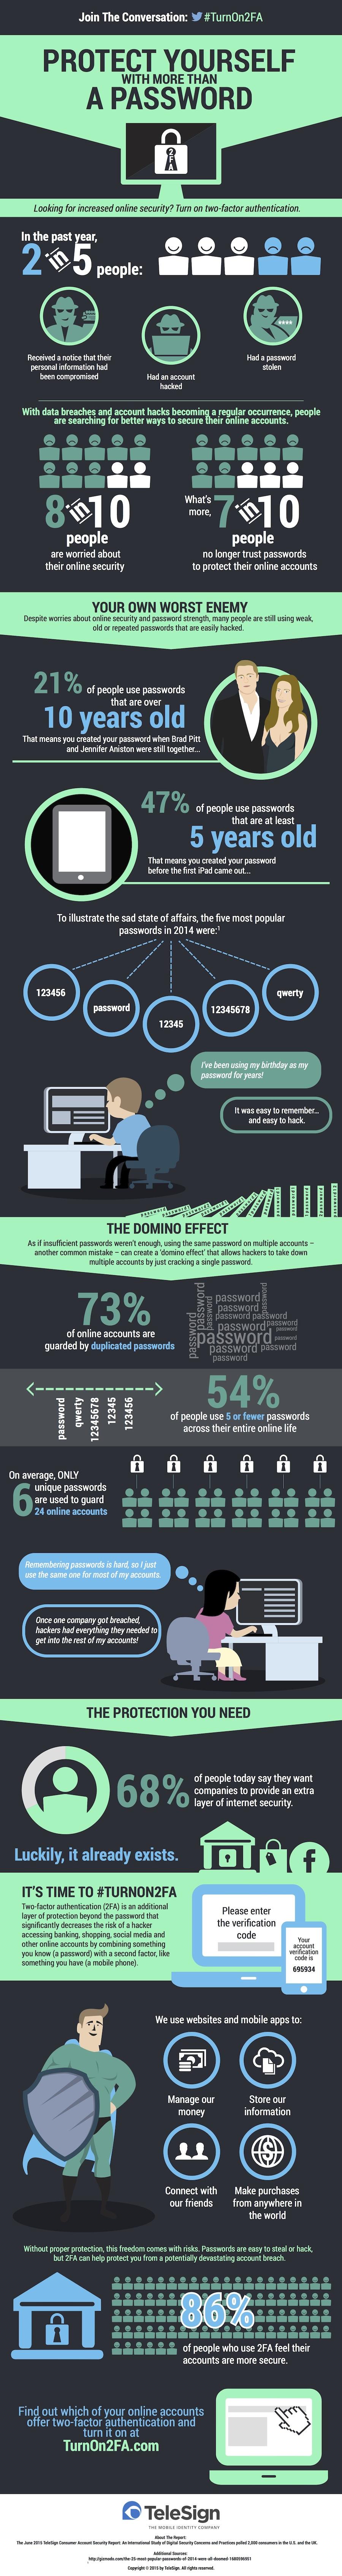 """Sicherheit: Infografik erklärt die Vorteile der Zwei-Faktor-Authentifizierung. (Grafik: <a href=""""https://www.turnon2fa.com/"""">TeleSign</a>)"""